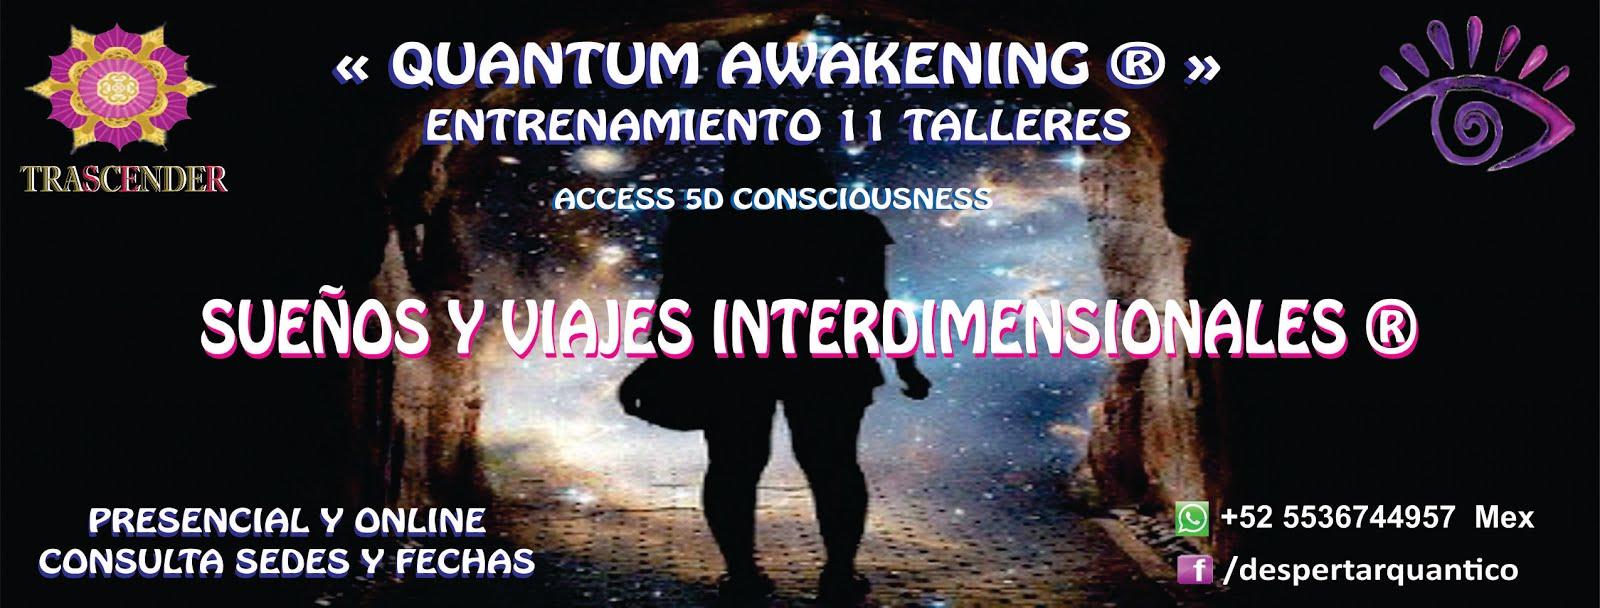 TALLER SUEÑOS Y VIAJES INTERDIMENSIONALES